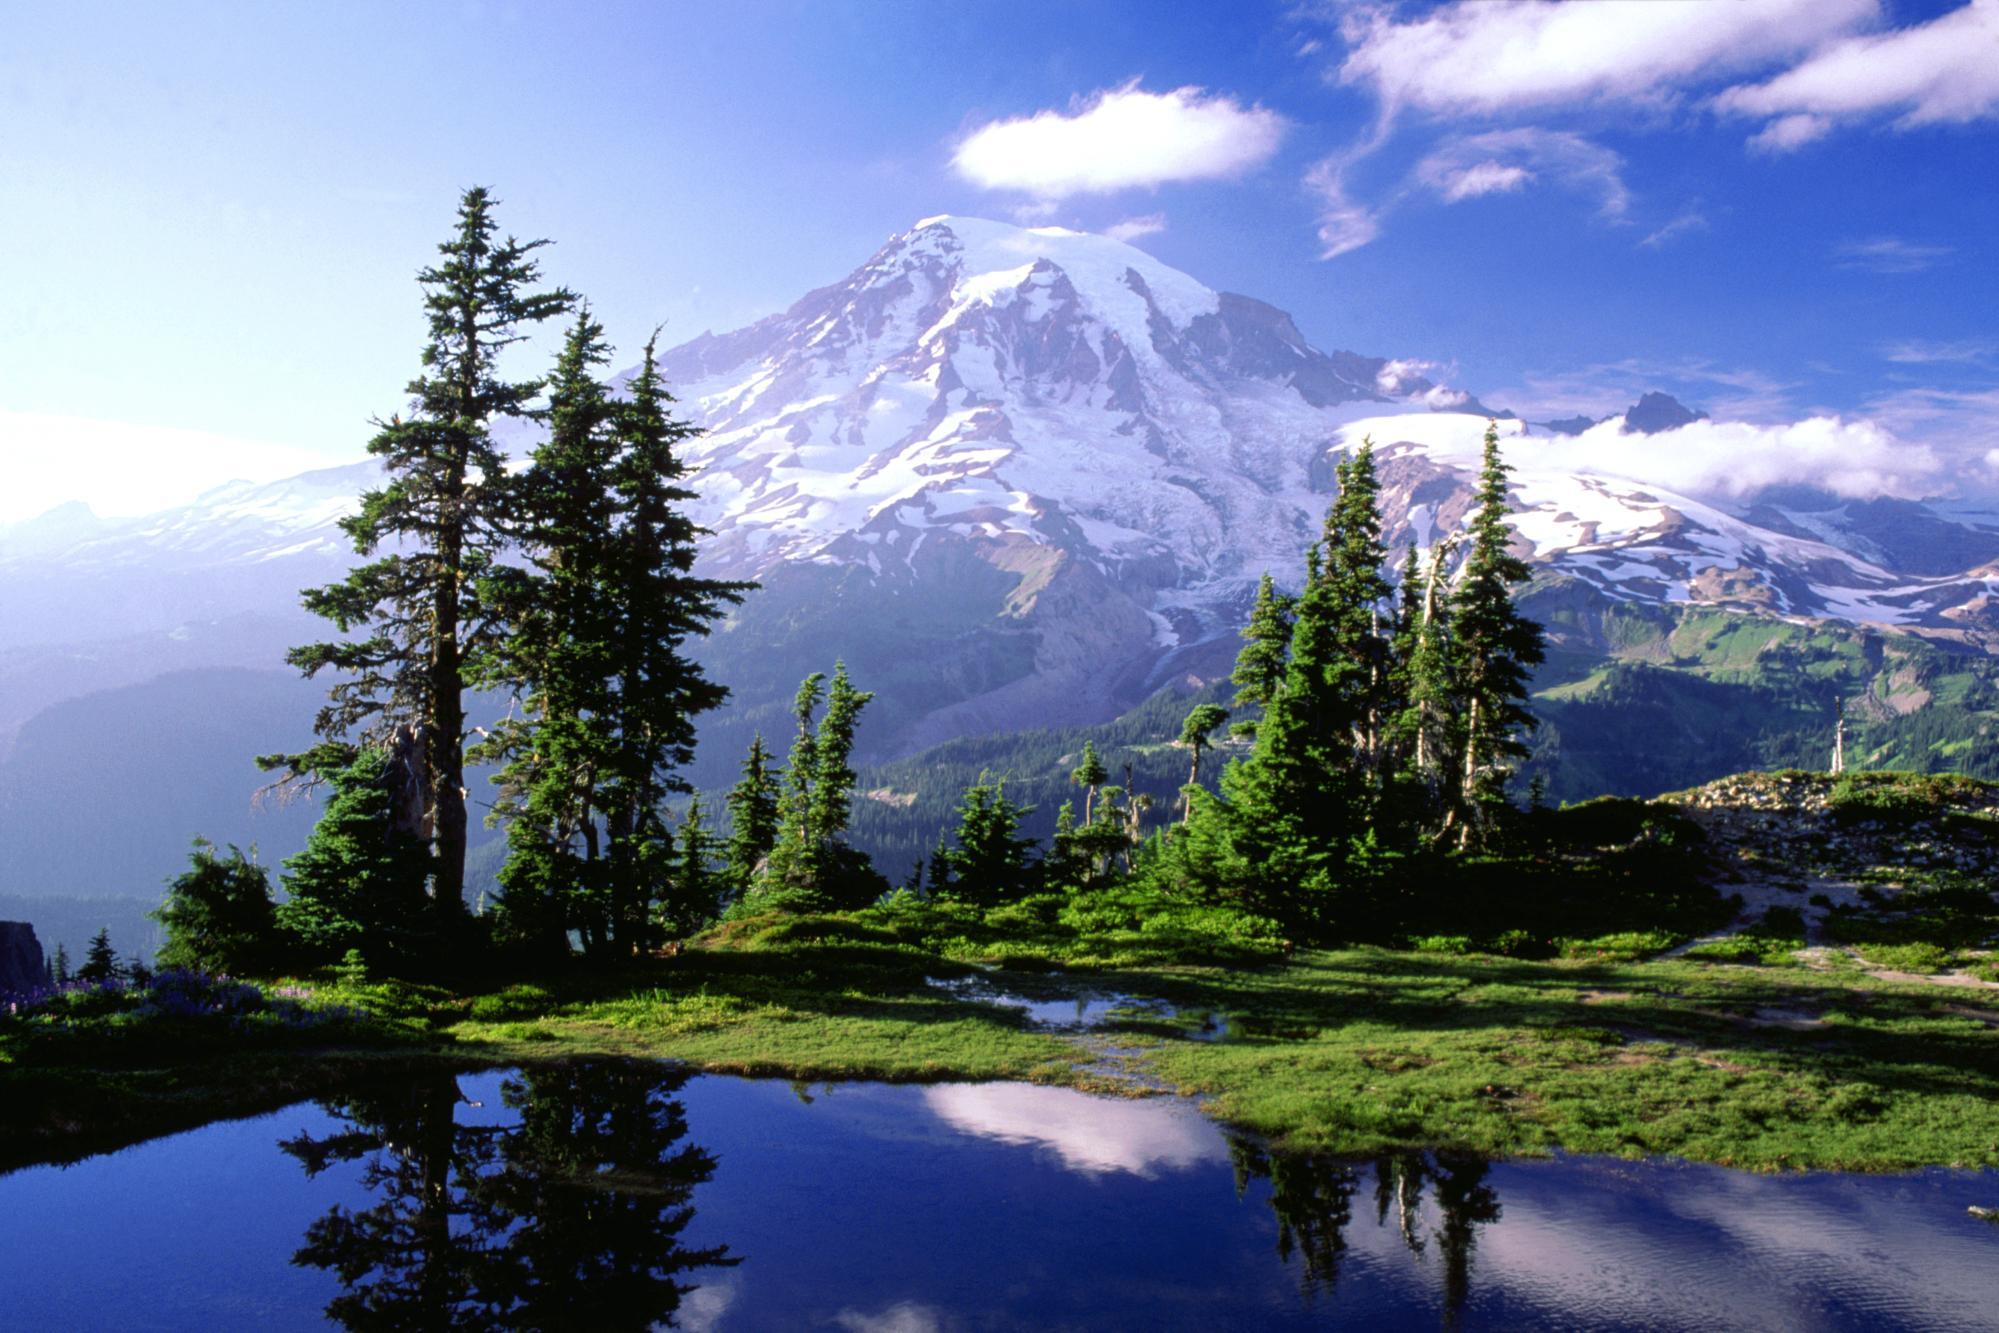 Mount Rainier Mountain Beautiful Wallpaper   PhotosJunction 1999x1333